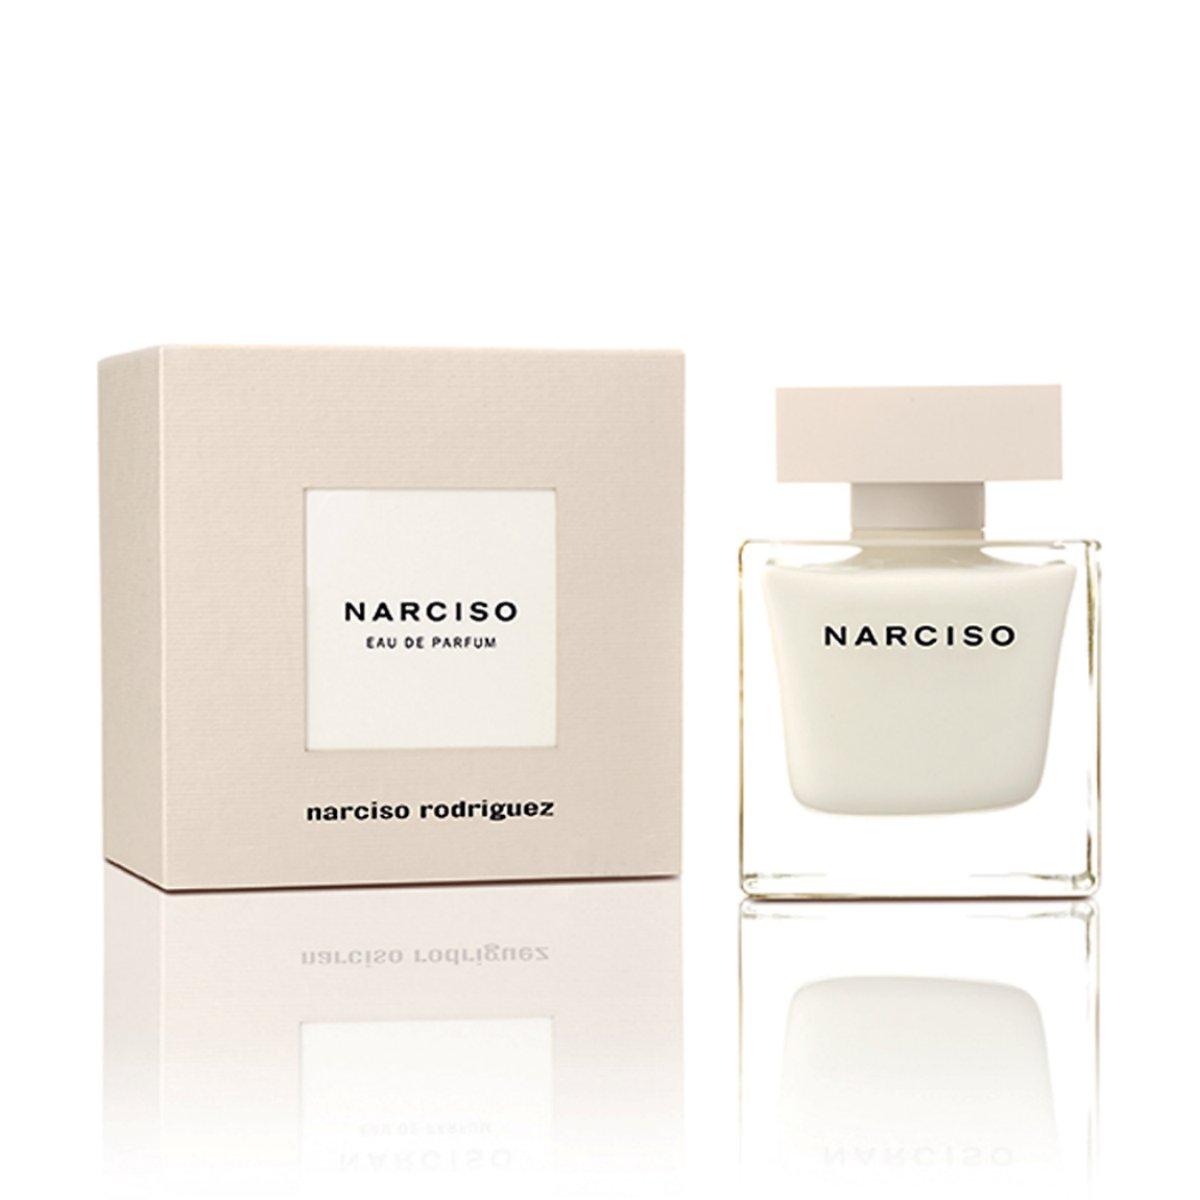 narciso rodriguez narciso eau de parfum 90ml. Black Bedroom Furniture Sets. Home Design Ideas